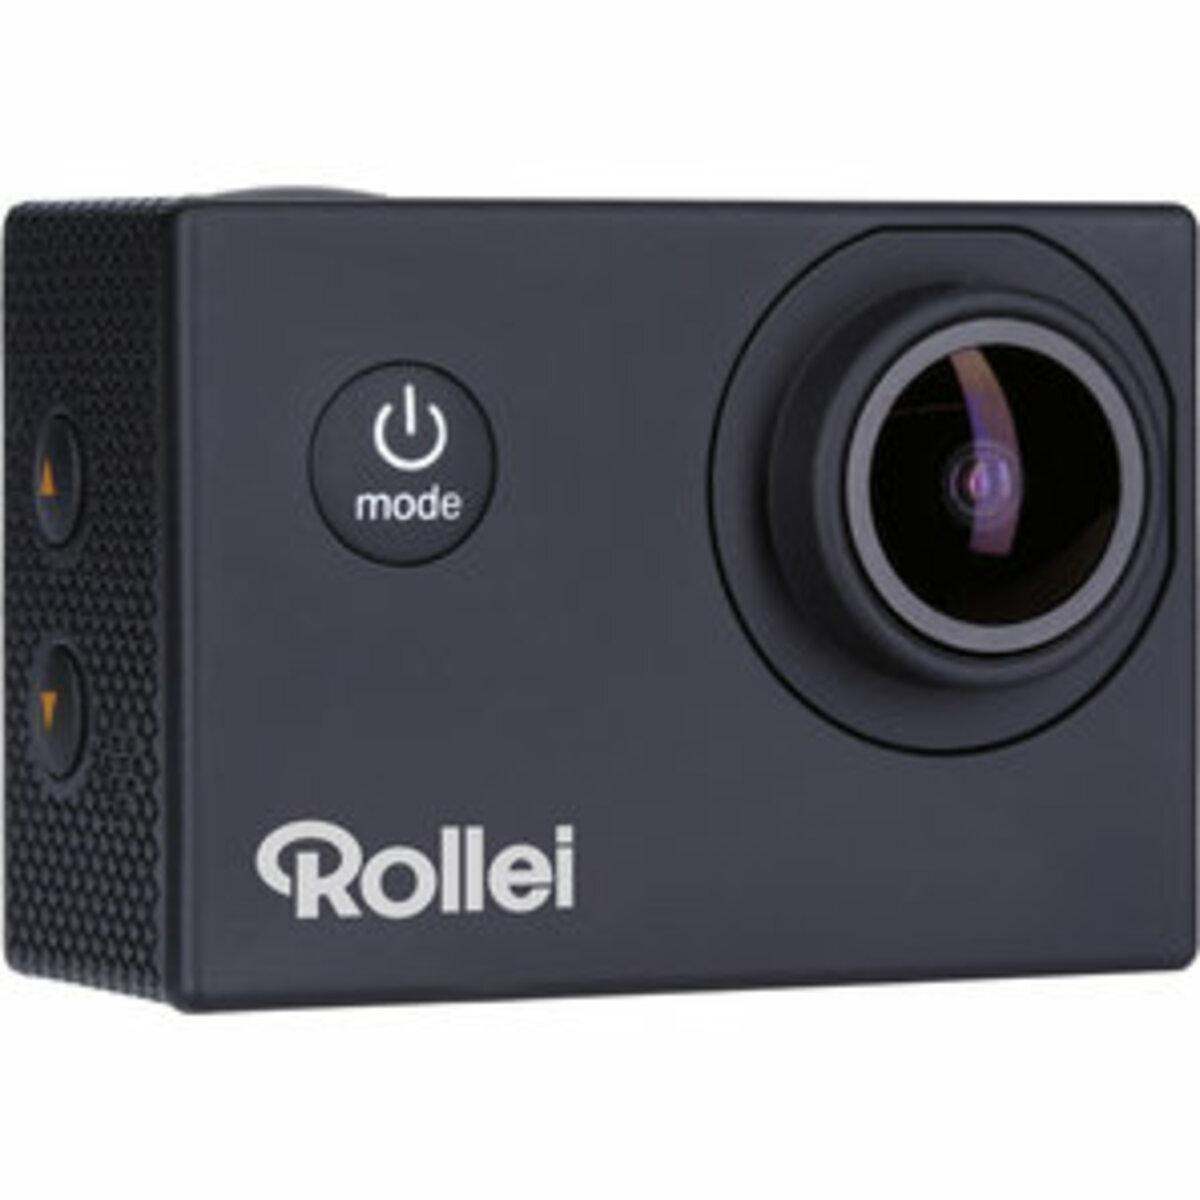 Bild 1 von Rollei Fun Actioncam        schwarz